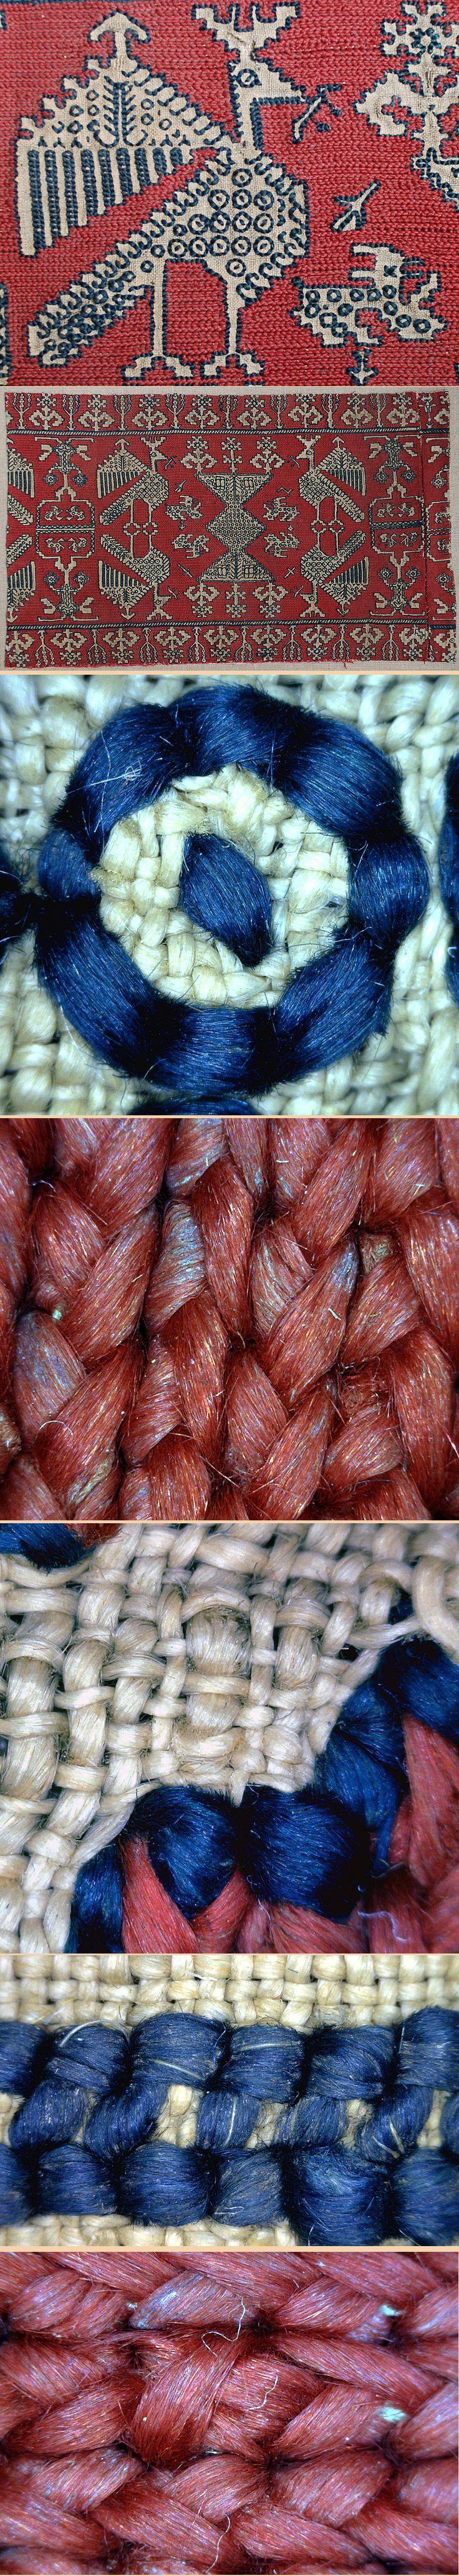 Middle Eastern Textiles - TextileAsArt.com, Fine Antique Textiles and Antique Textile Information